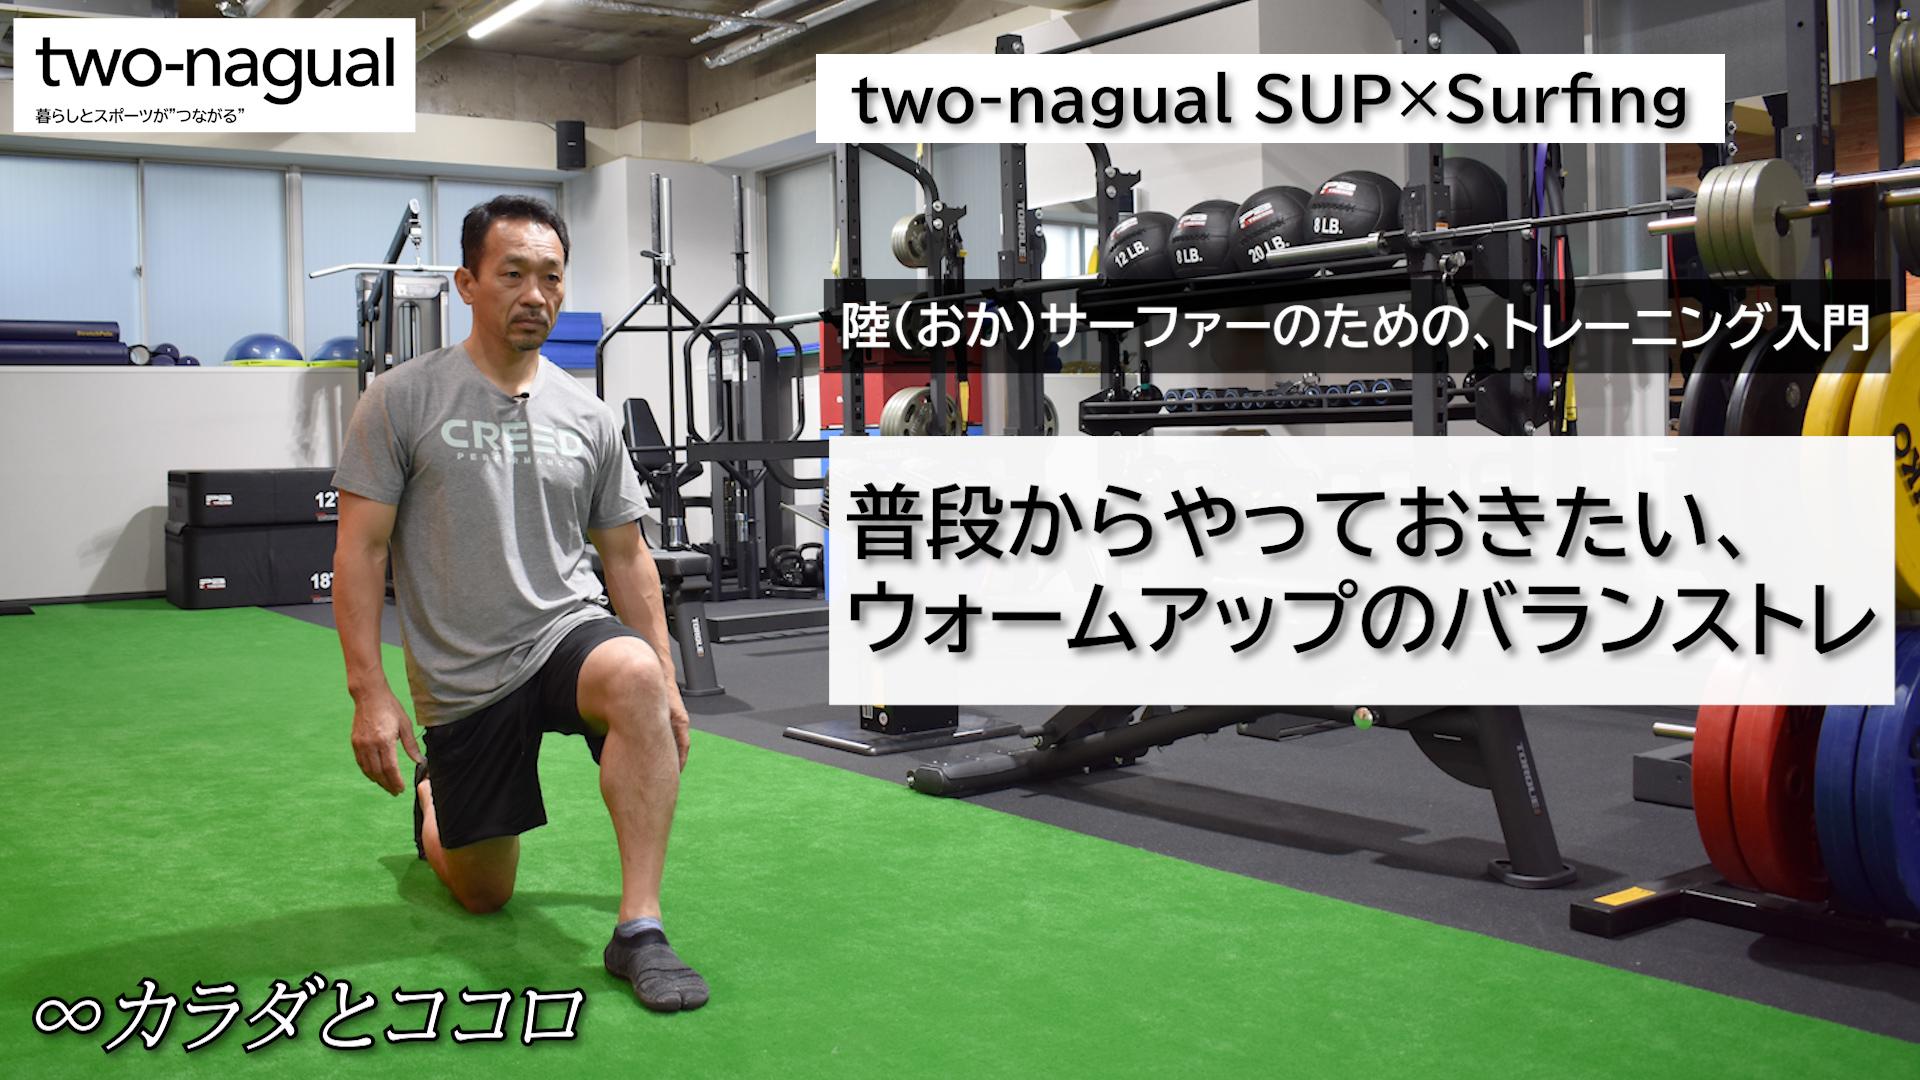 <small>【two-nagual SUP × Surfing】</small><br />陸(おか)サーファーのための、トレーニング入門<br />普段からやっておきたい<br />ウォームアップのバランストレ